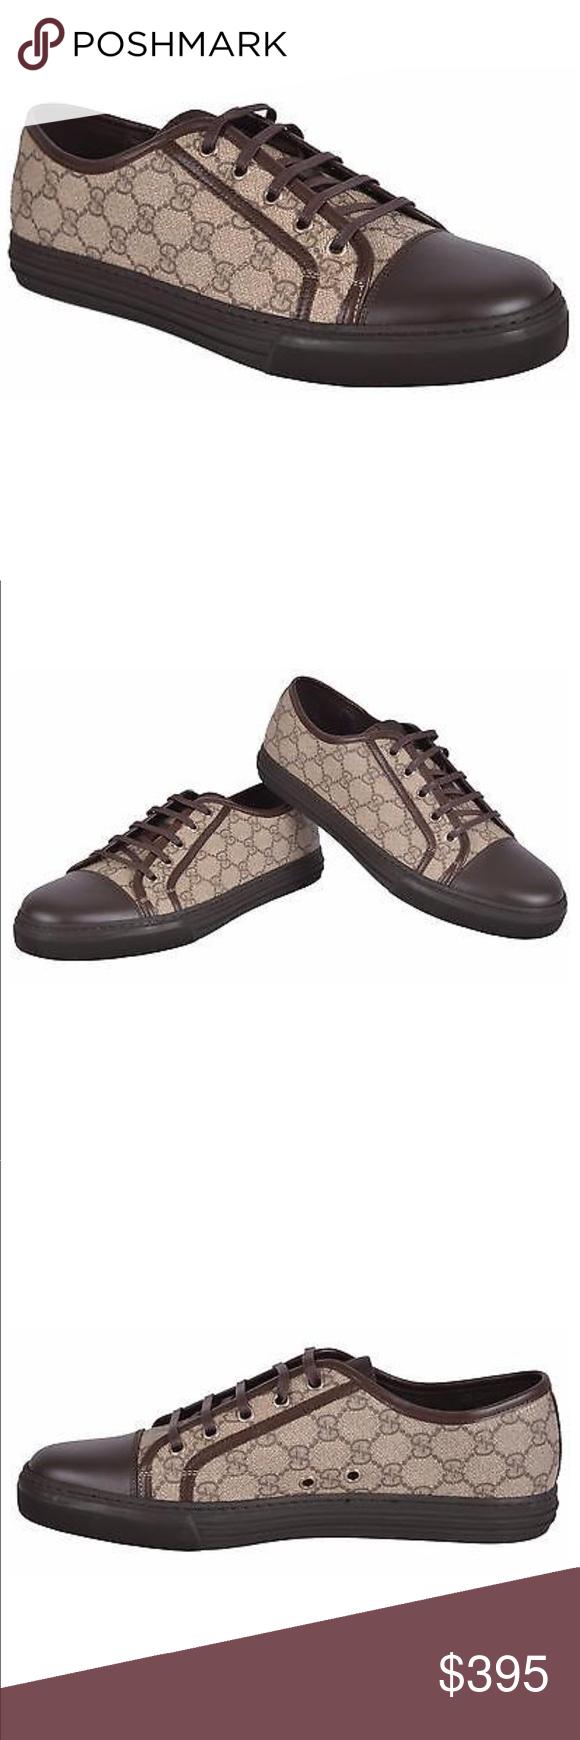 390cf8dfce3 Gucci men s shoes leather sneakers supreme beige Gucci men s shoes 100%  authentic leather sneakers supreme ebony cocoa tessuto gg supreme size 7  1 2 g (8.5 ...